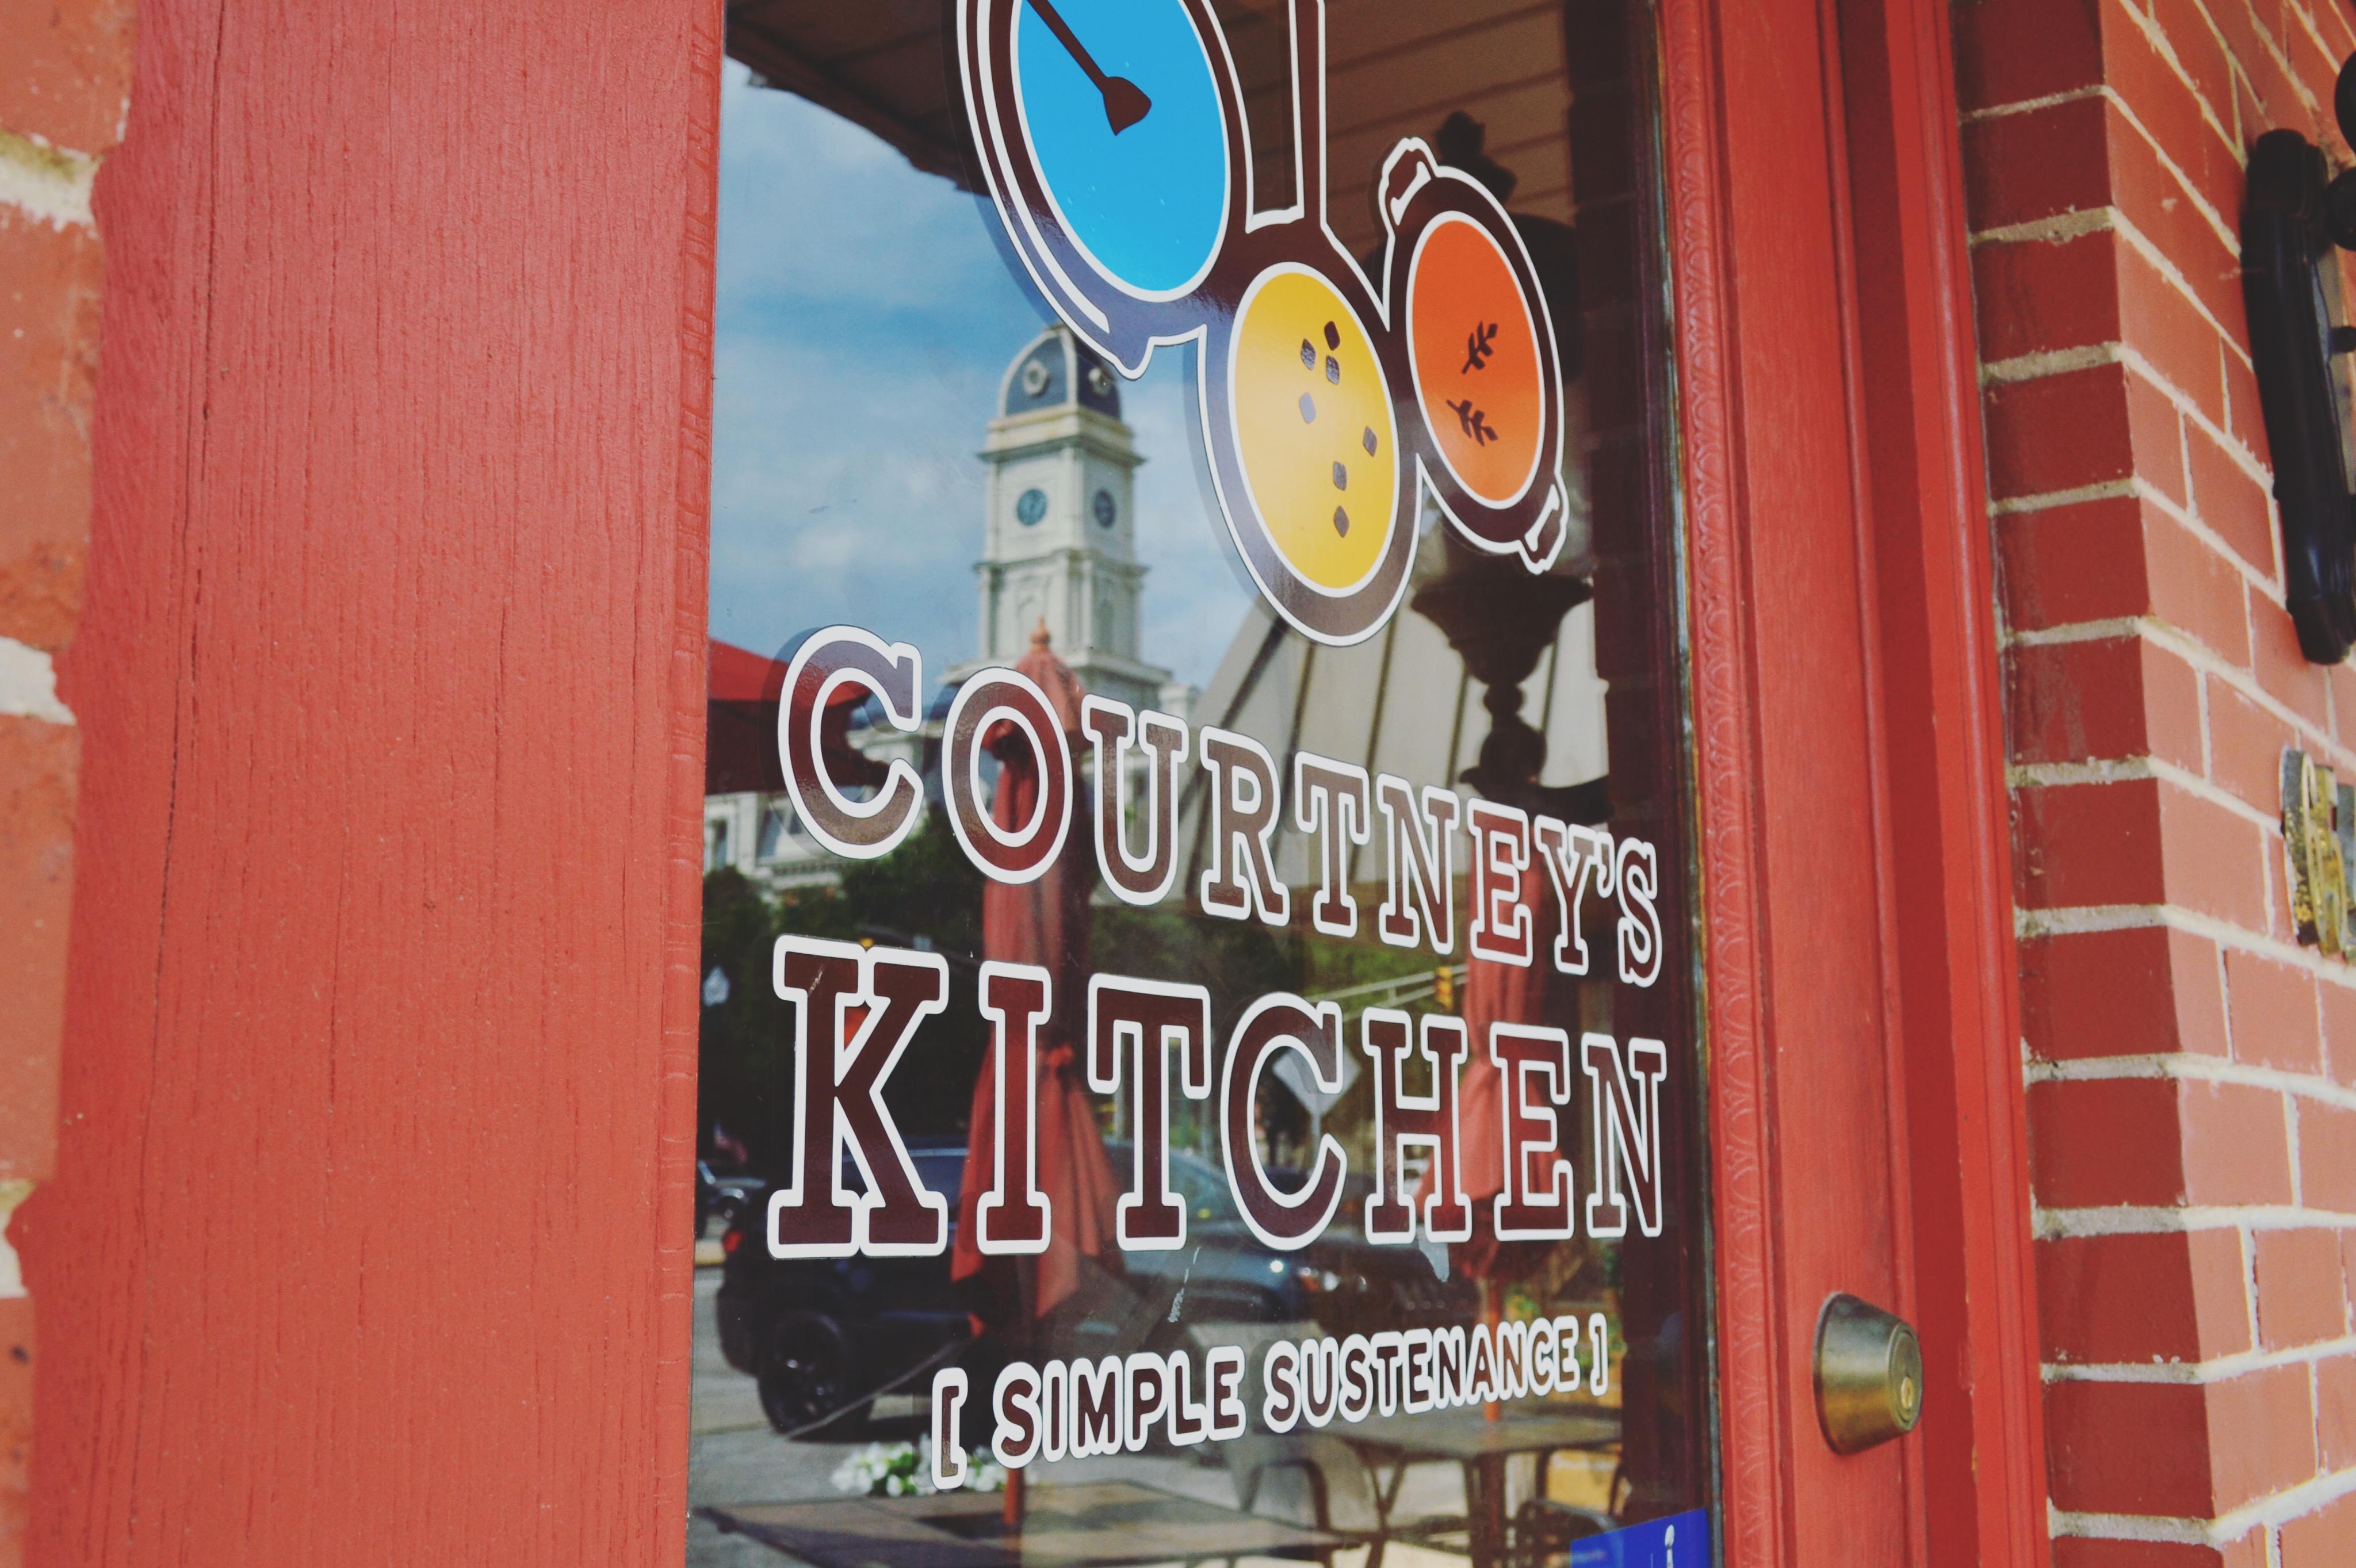 Courtney's Kitchen